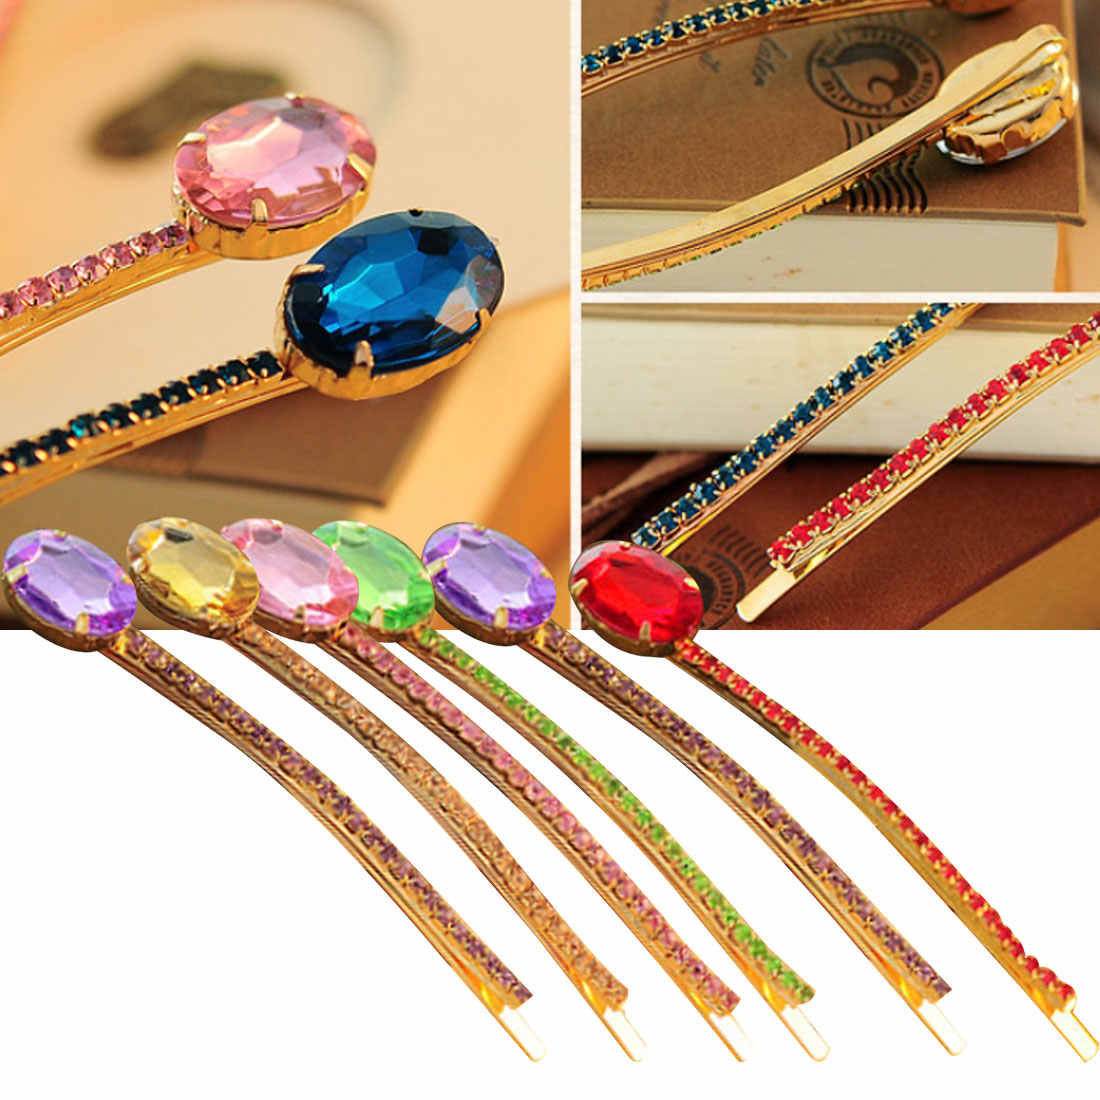 Headbands de cristal Mulheres Meninas Headwear Strass Presilhas para o Sexo Feminino Grampos de cabelo Acessórios Para o Cabelo Cor de Ágata Mulheres Hairclips